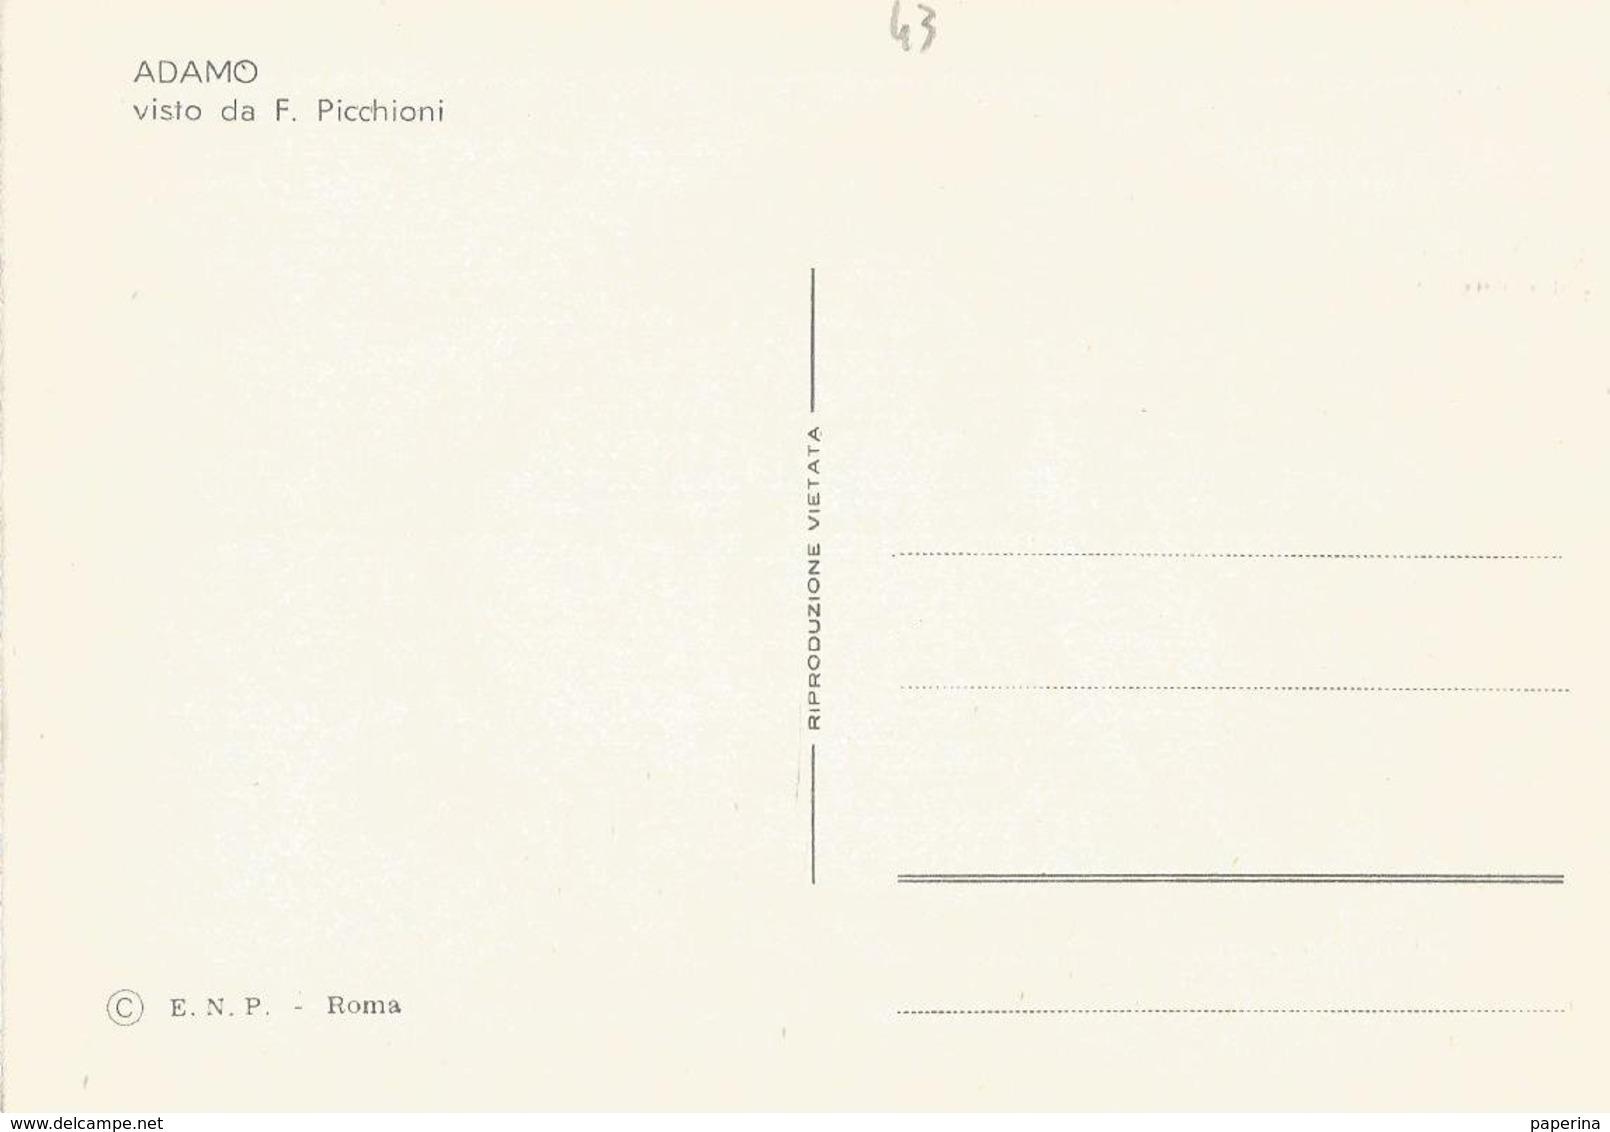 CART. DISEGNATA DA PICCHIONI I BIG DELLA CANZONE  ADAMO  (43) - Cantanti E Musicisti